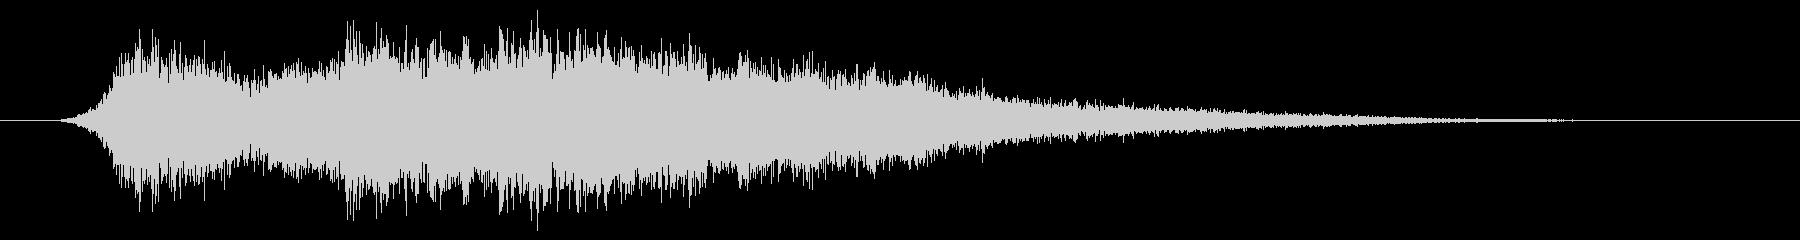 爽やかなサウンドロゴ(ジングル)の未再生の波形